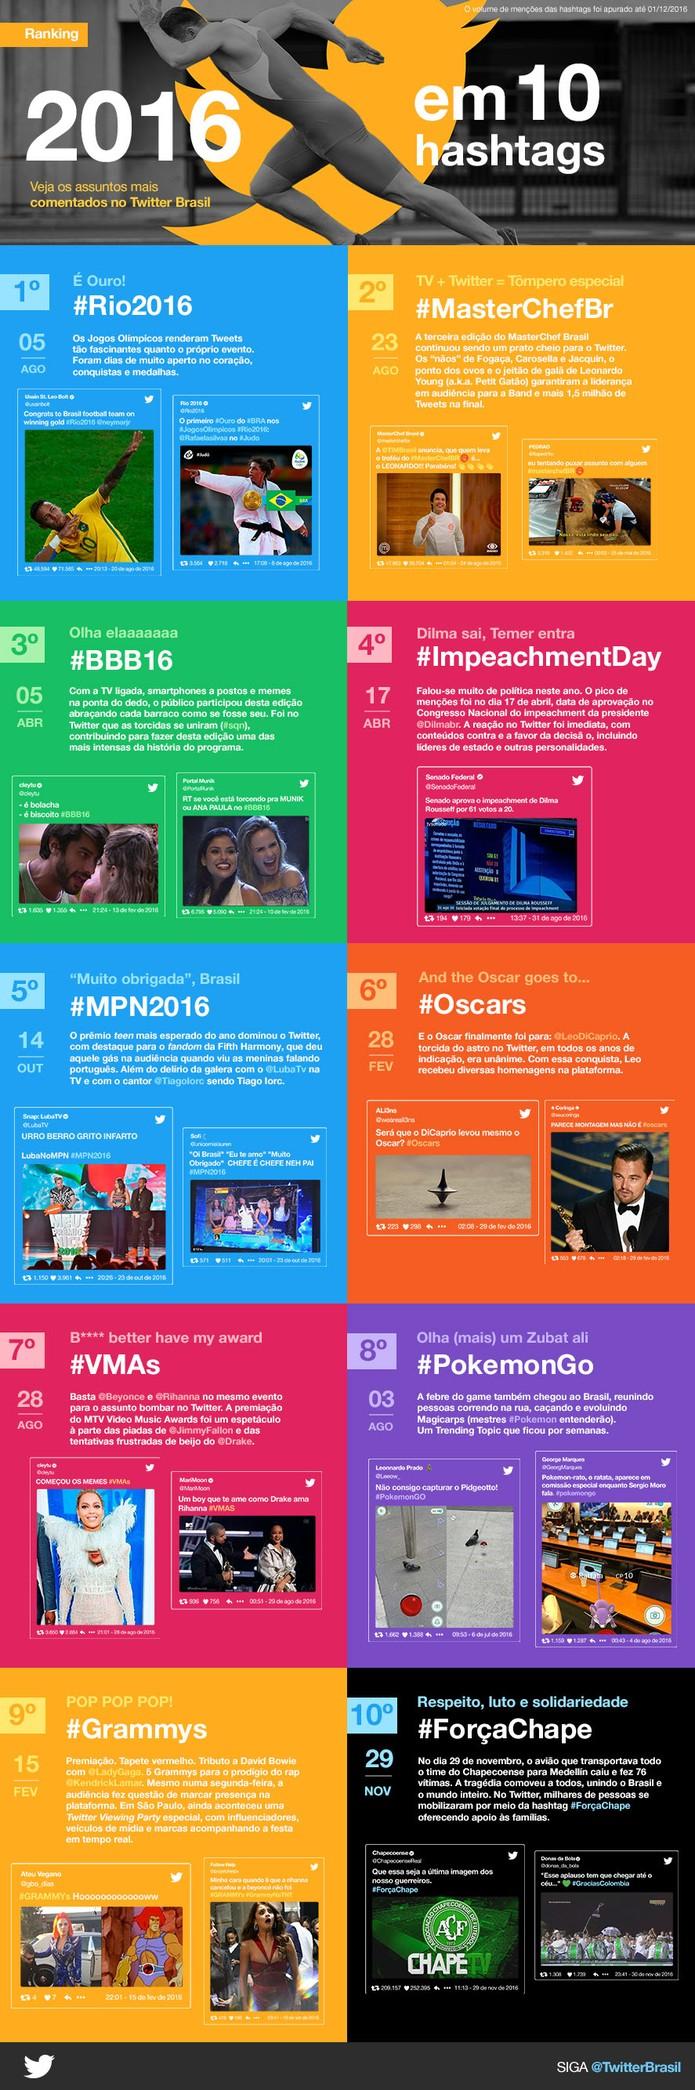 Twitter revela dados das hashtags mais importantes de 2016; veja lista (Foto: Divulgação/Twitter)